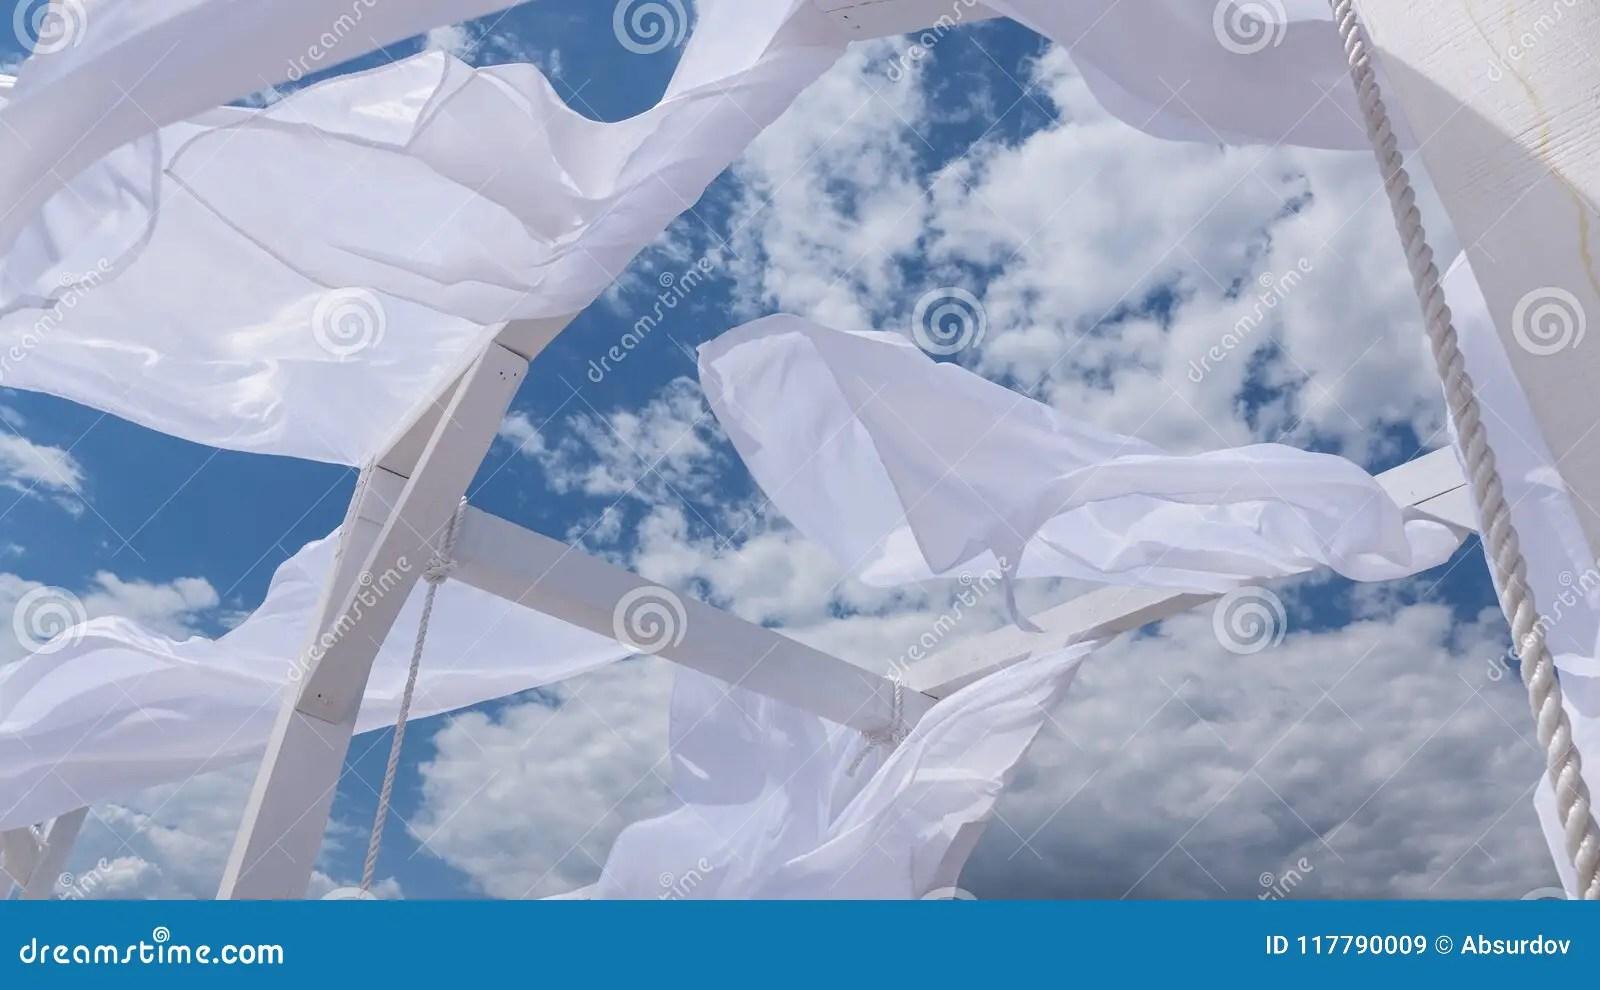 https fr dreamstime com jette tente des rideaux en tissu brise bord mer vent image117790009